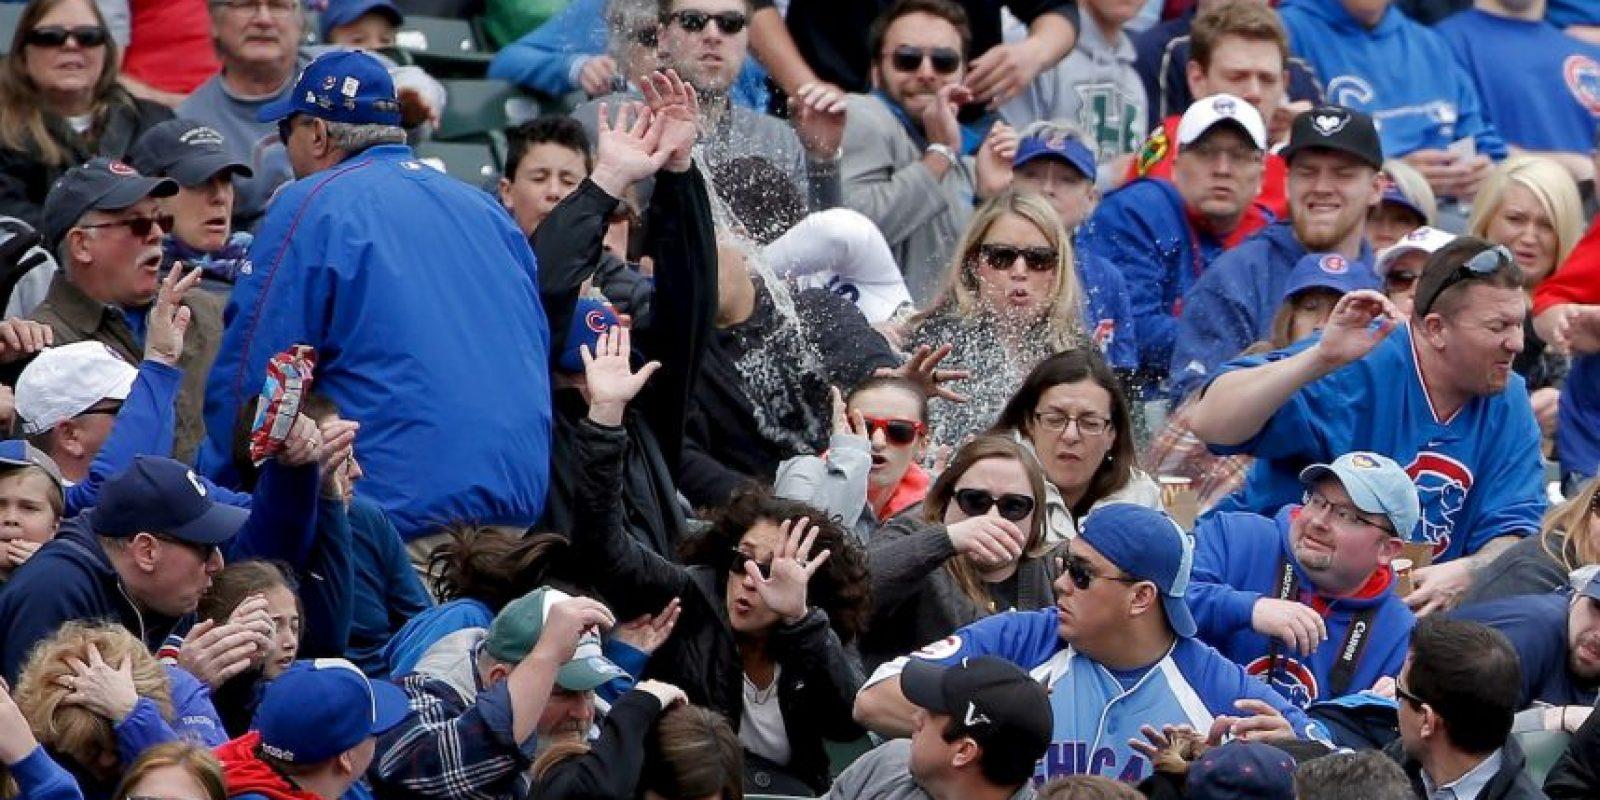 Fue durante el juego entre los Cubs de Chicago y los Padres de San Diego de la MLB. Foto:Getty Images